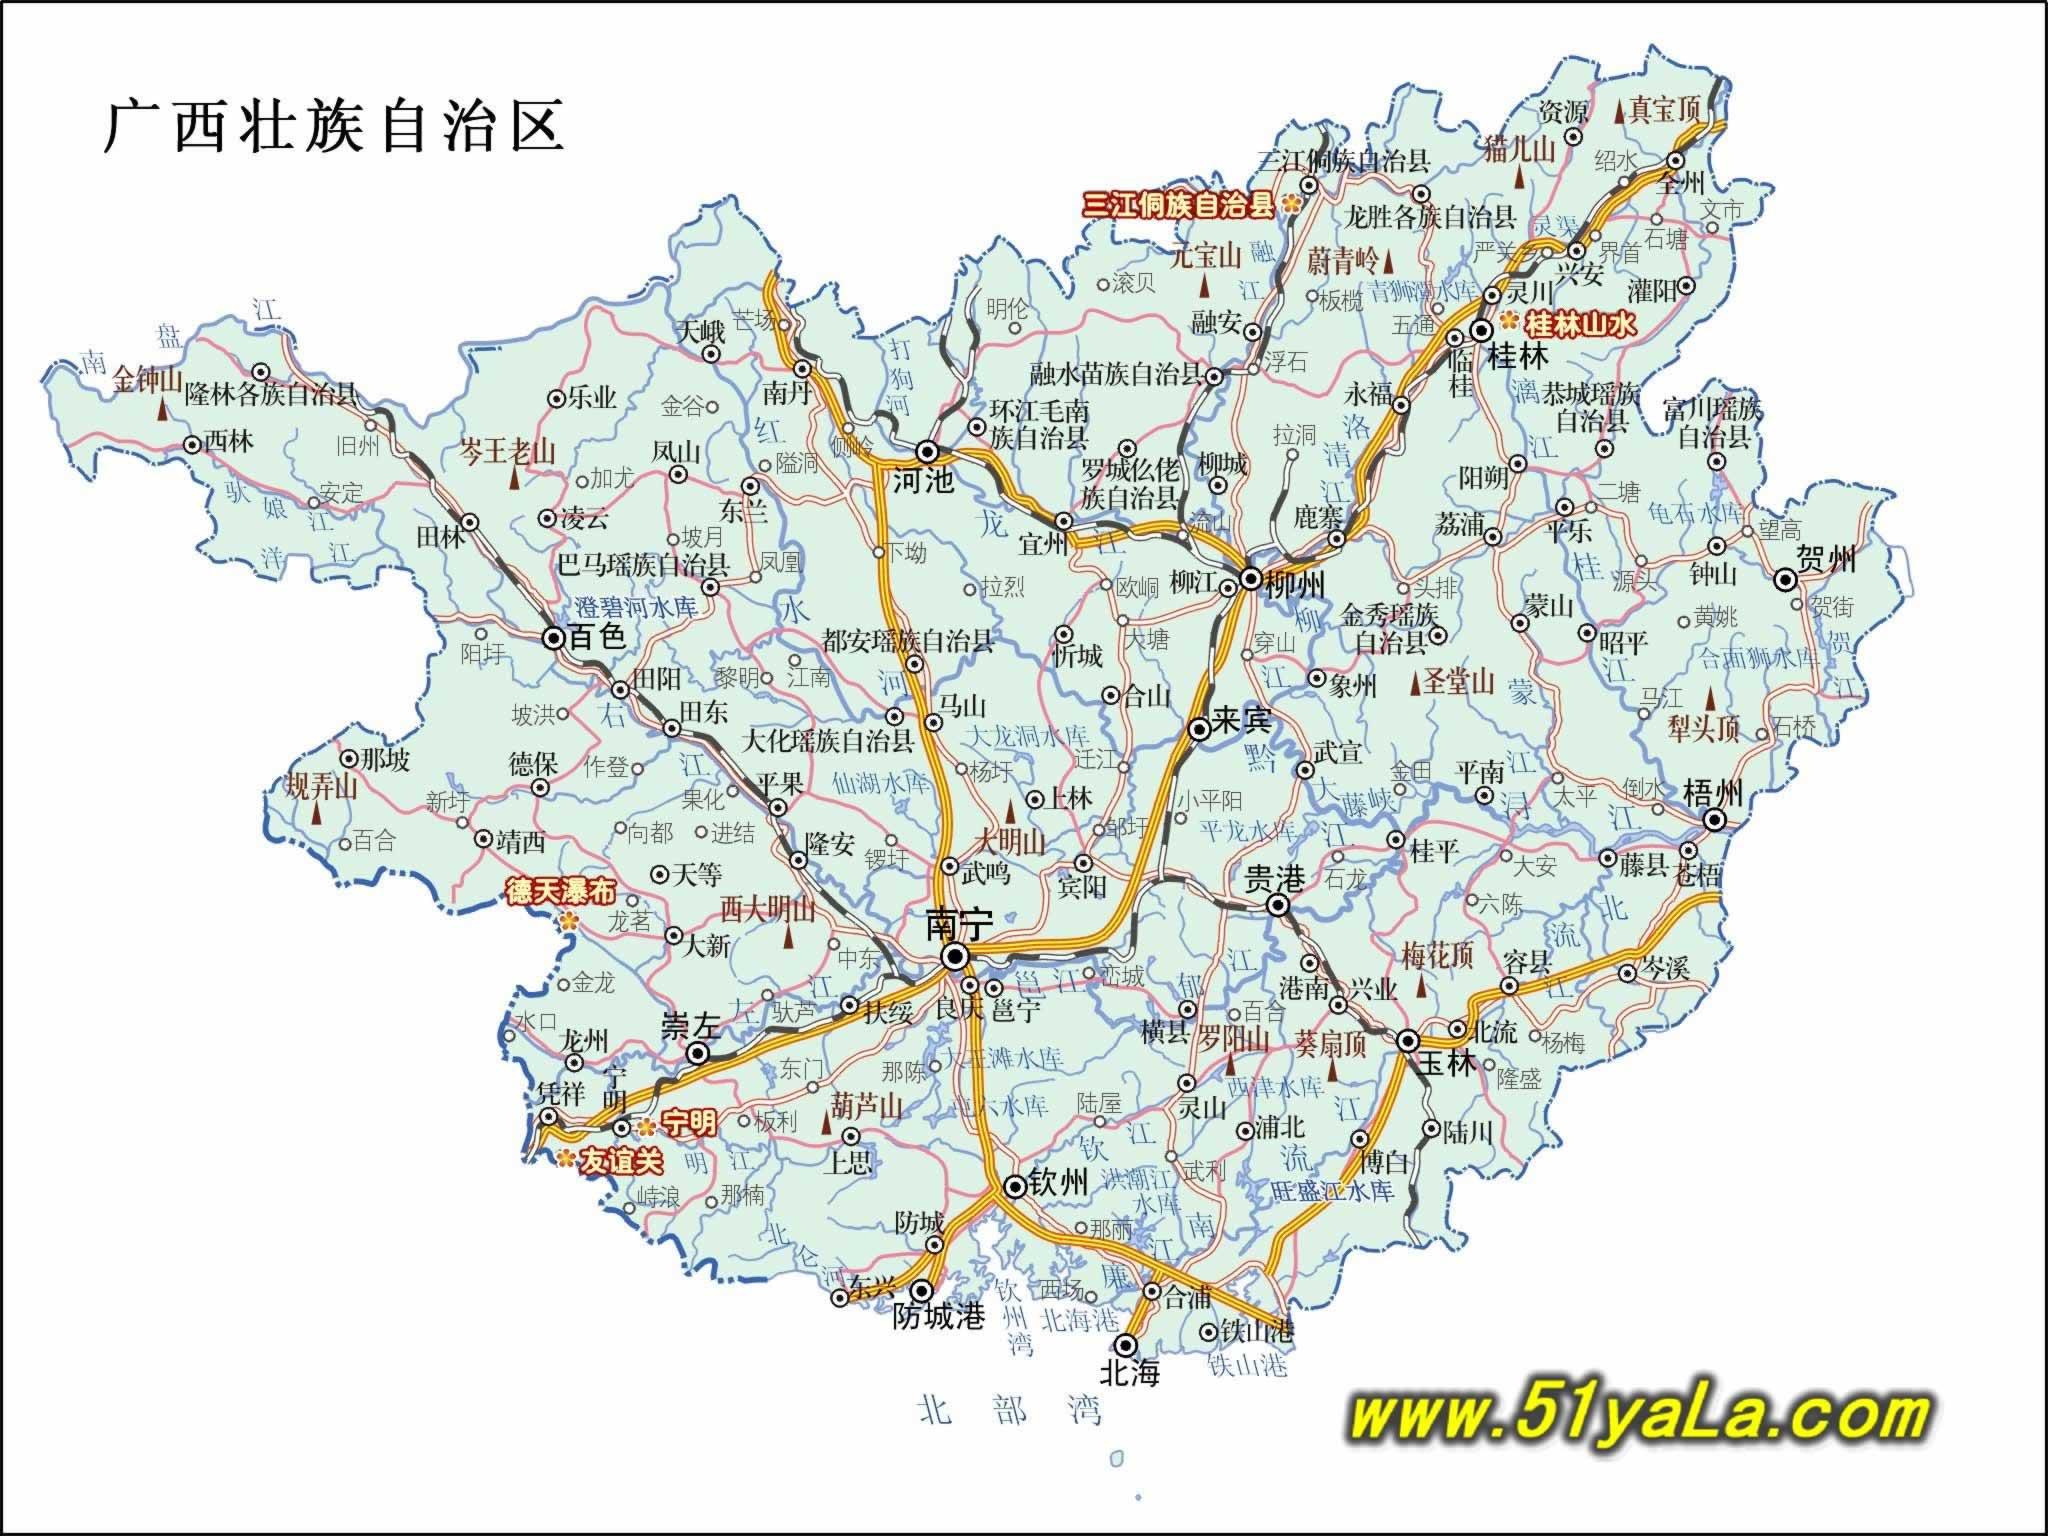 地理省级行政区地图 地理中国省级行政区图 地理省级行政区图